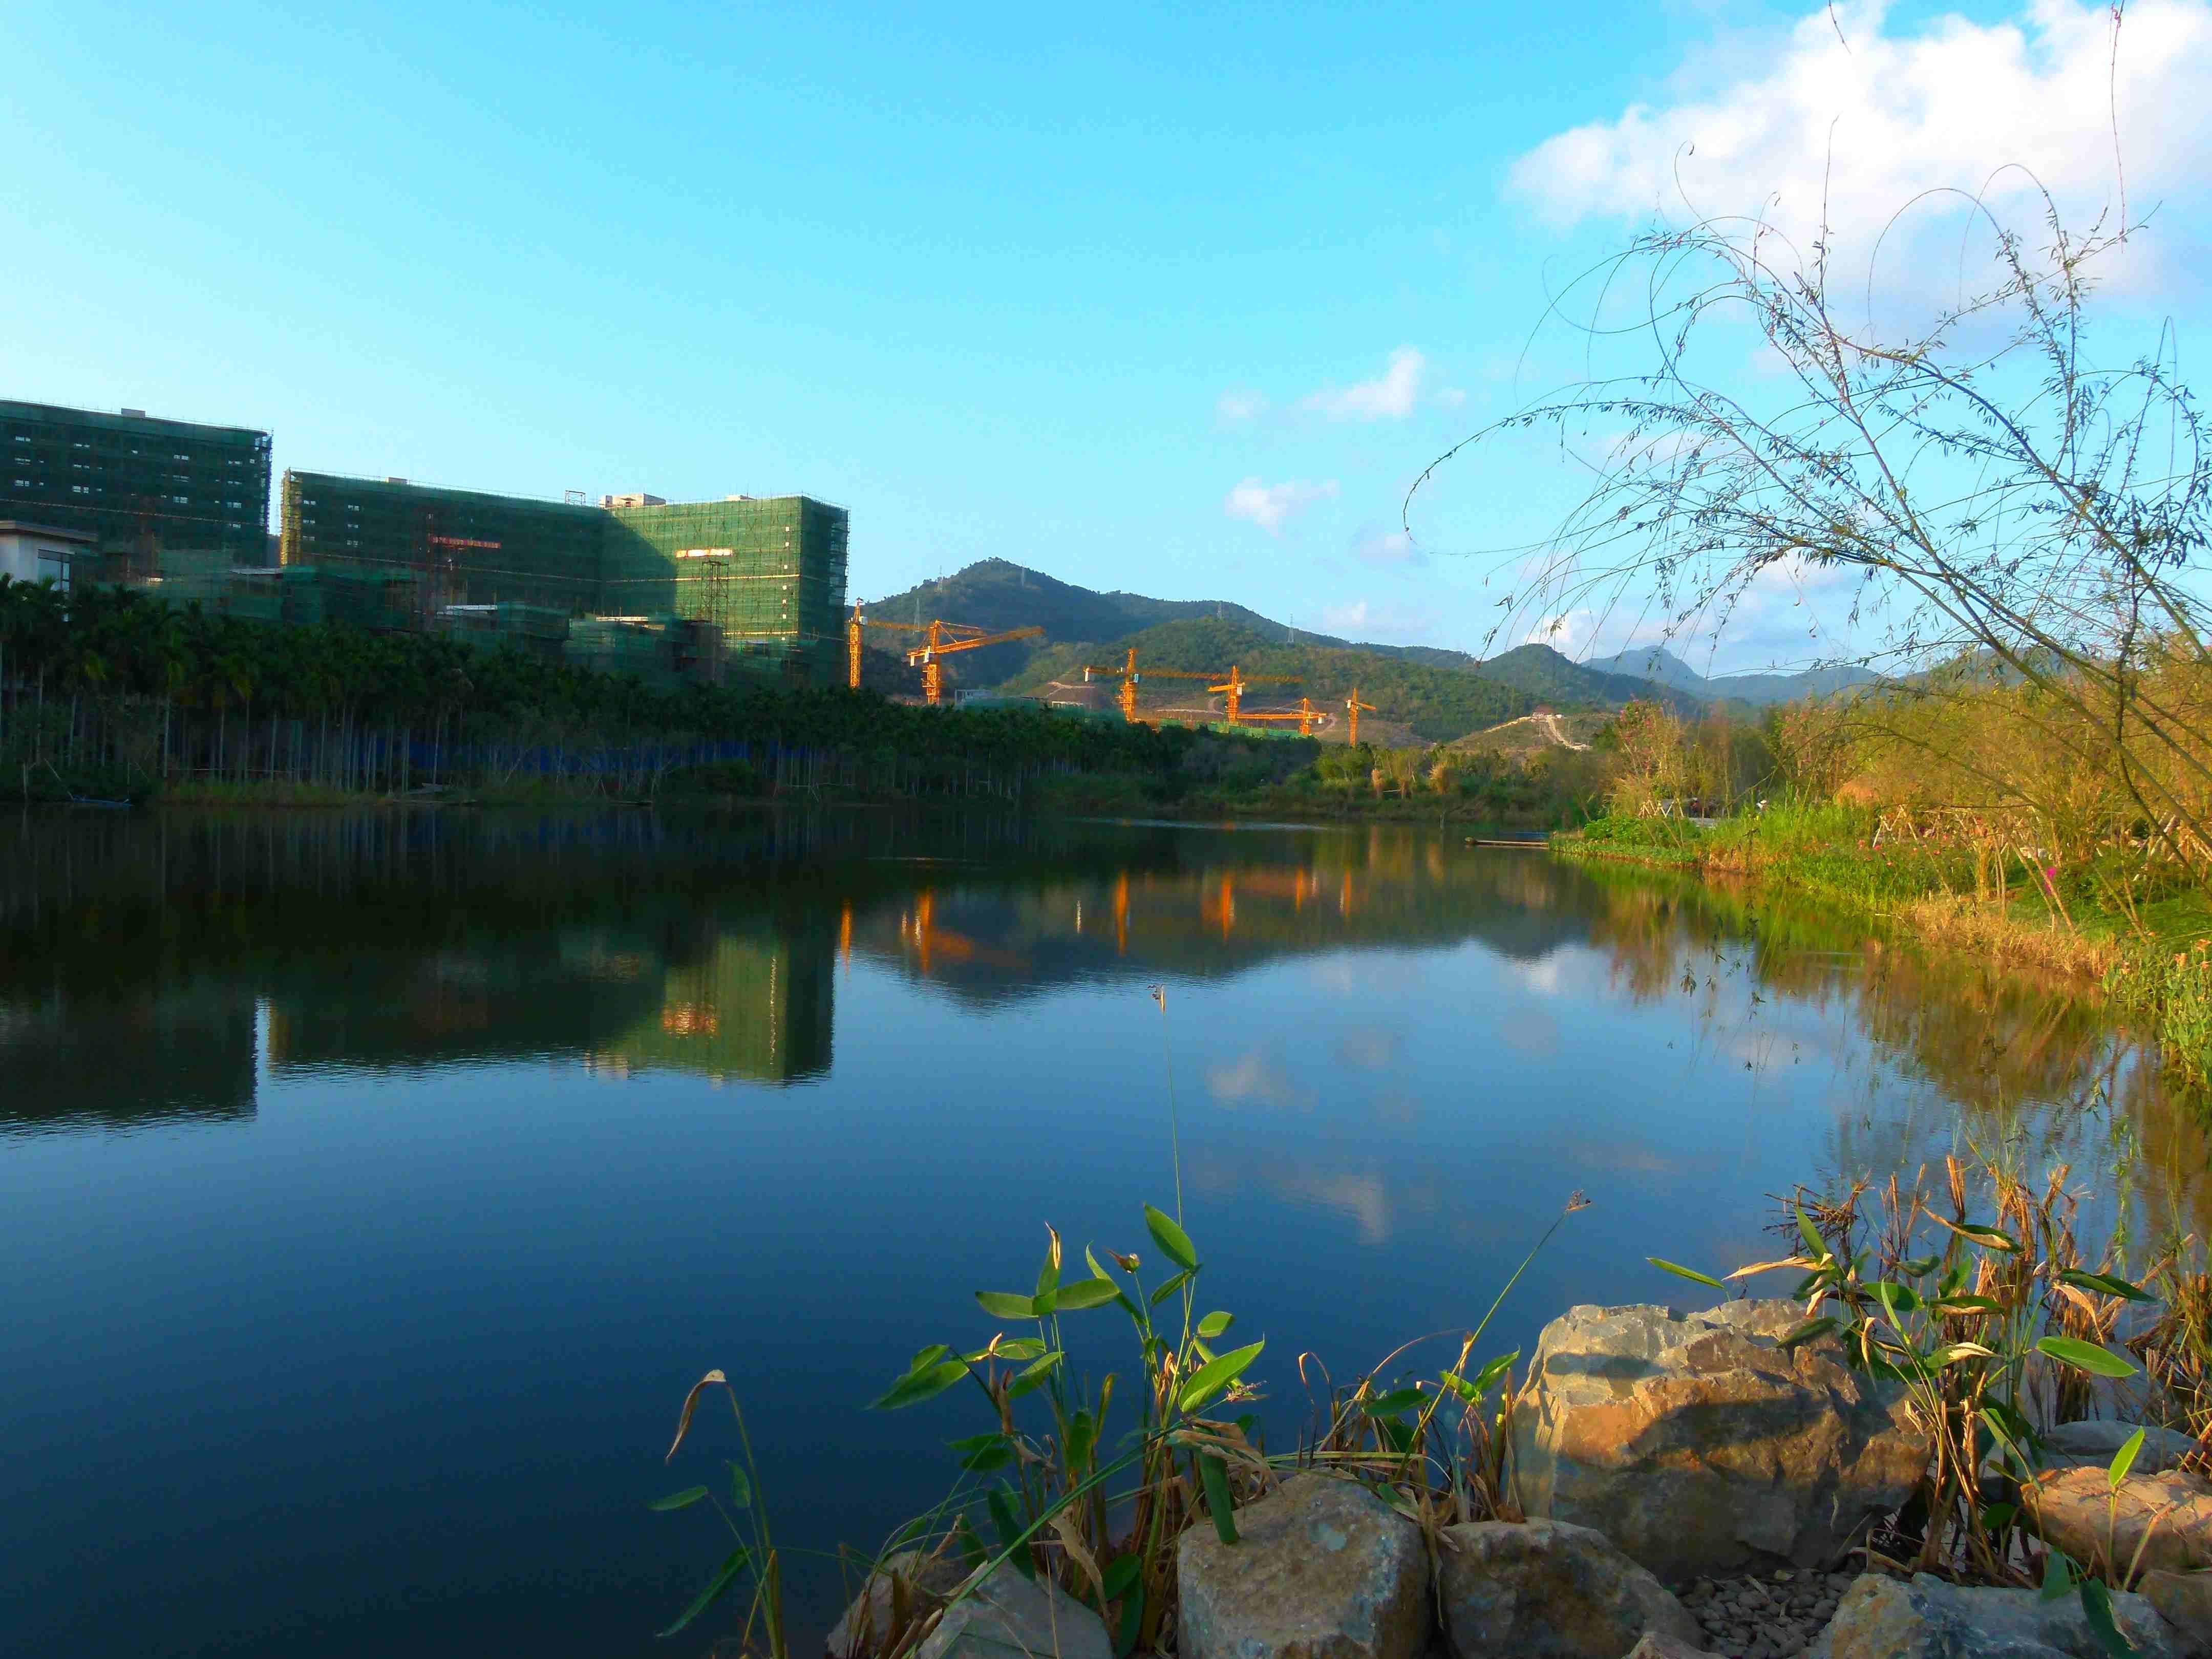 三亚万科森林度假公园图片